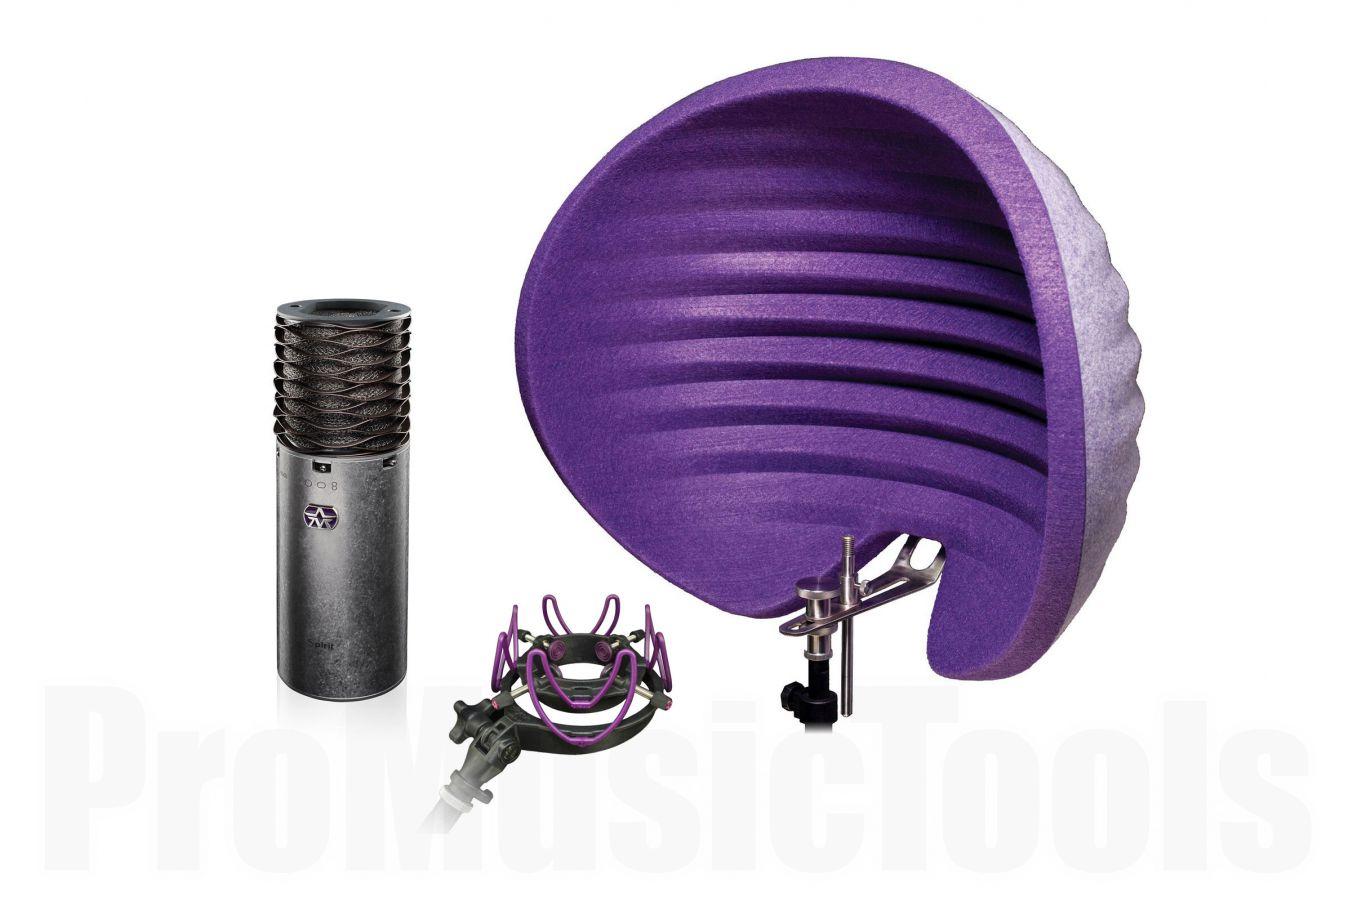 Aston Microphones Spirit, Halo Reflection Filter & USM Shock Mount - Bundle offer